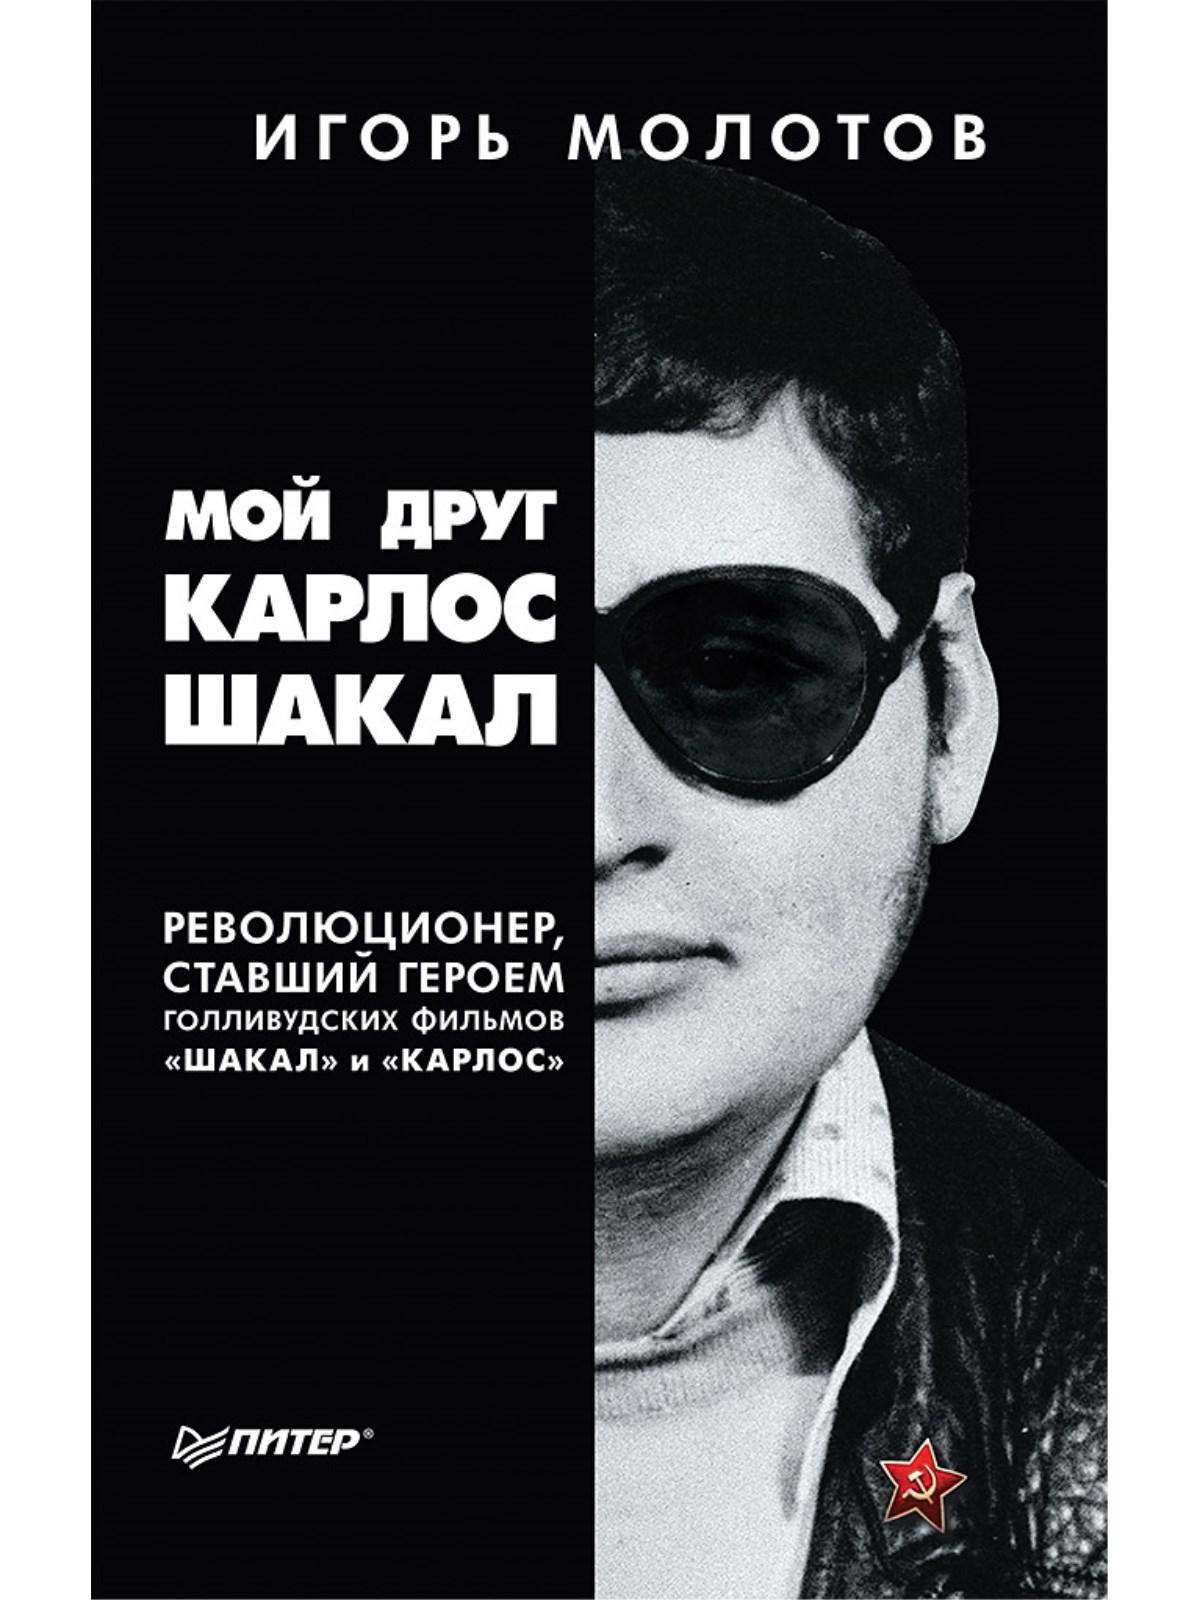 Молотов И Мой друг Карлос Шакал. Революционер, ставший героем голливудских фильмов